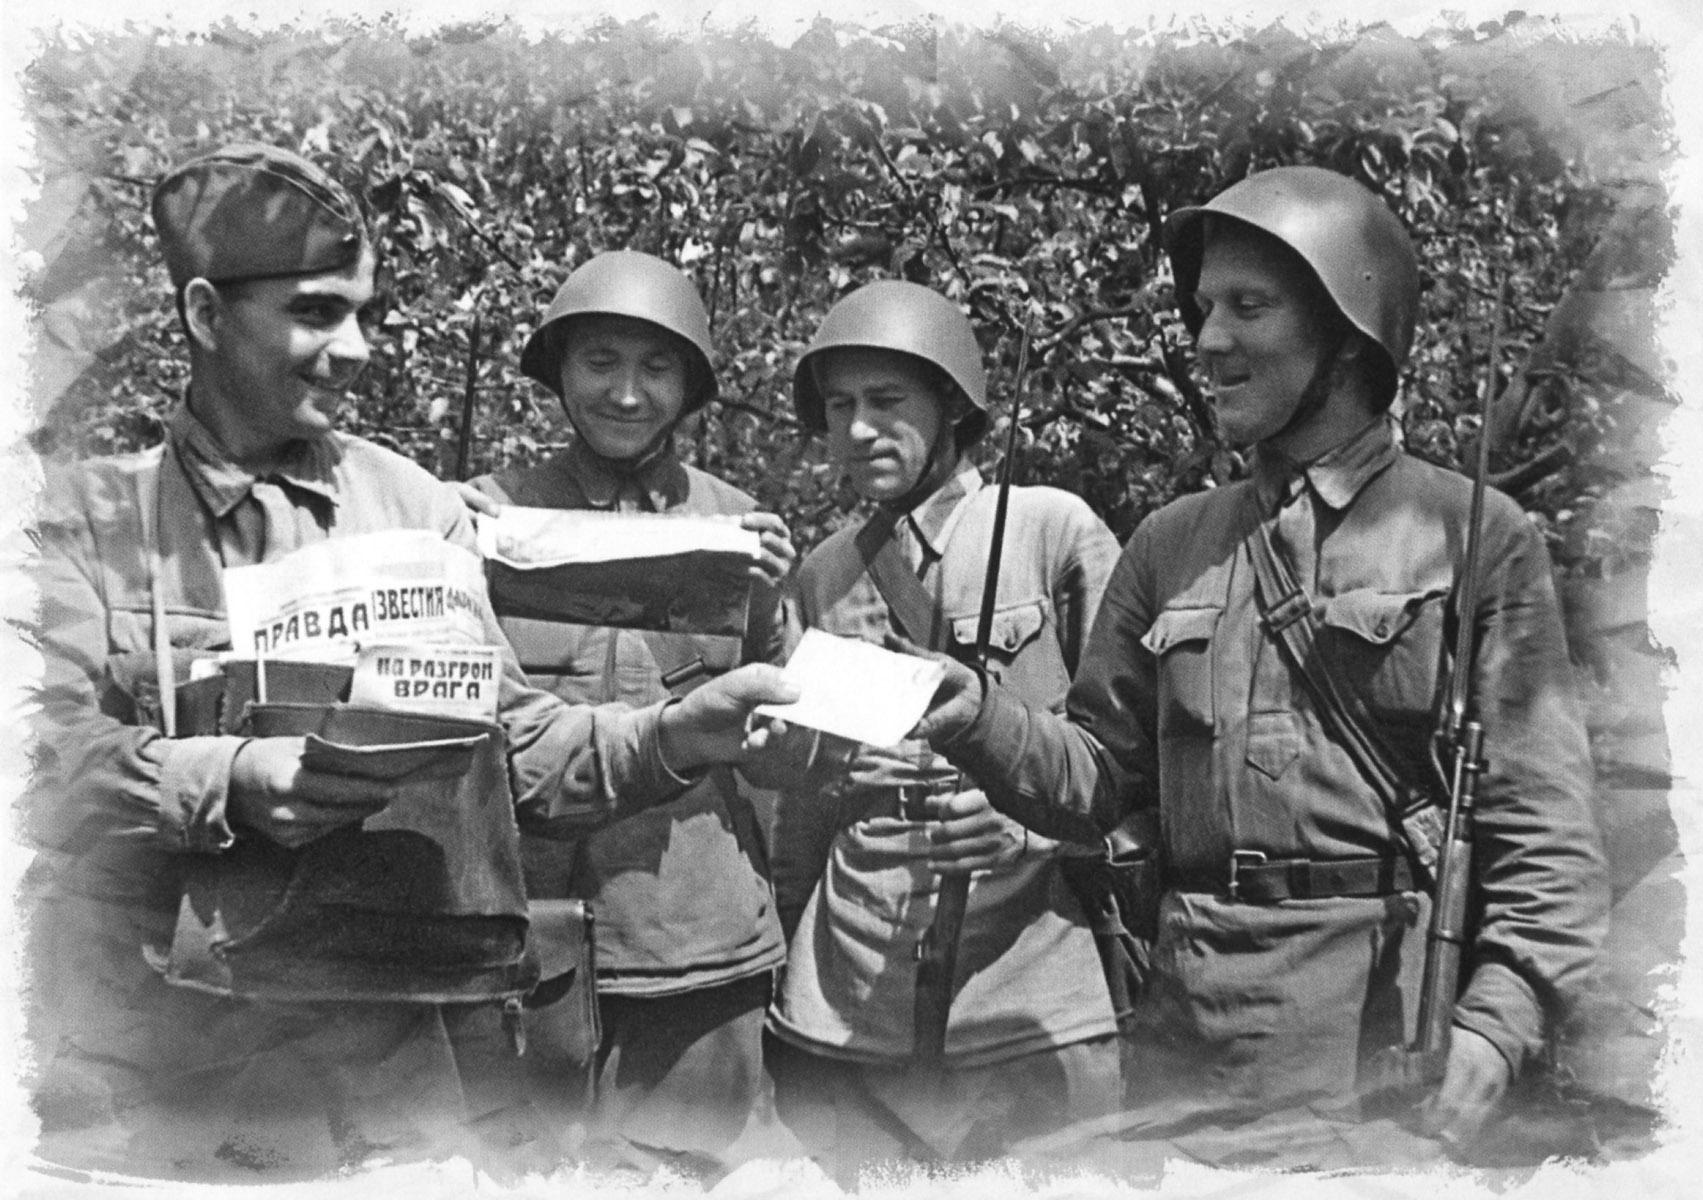 Рядовые РККА в гимнастерках. 1942 г.